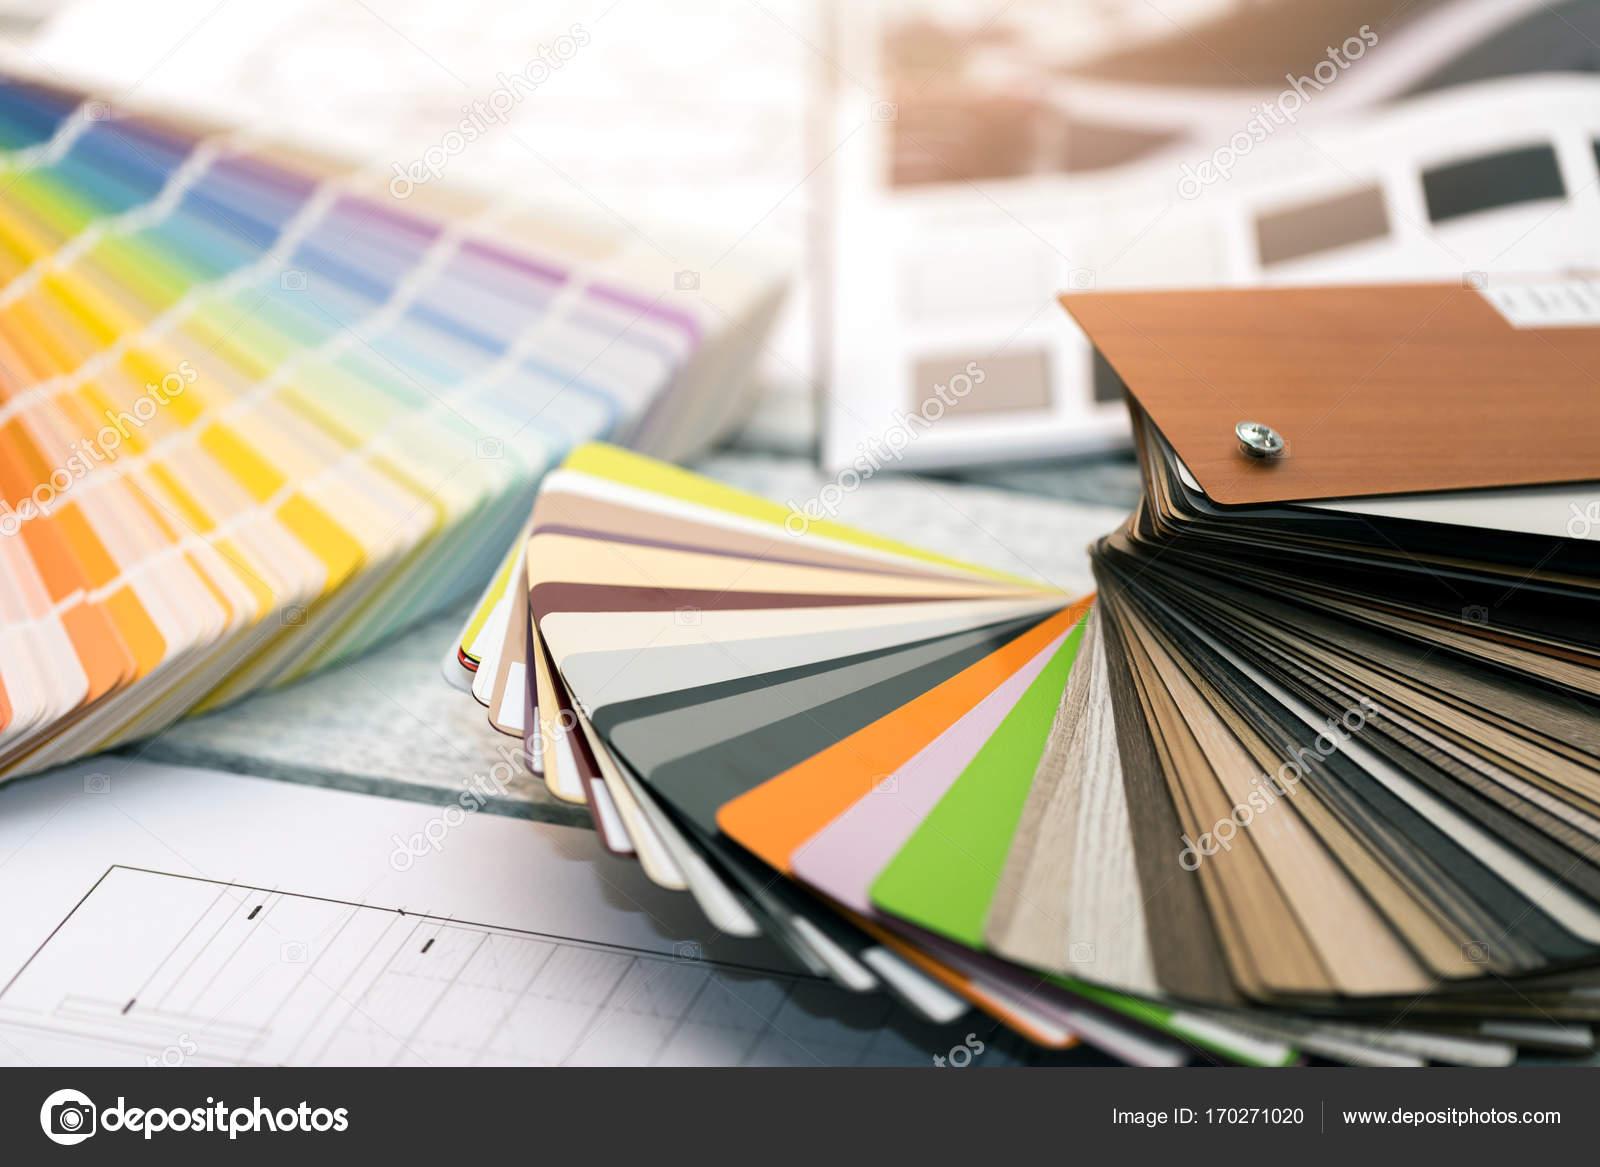 Design de interiores - amostras de material mobiliário e